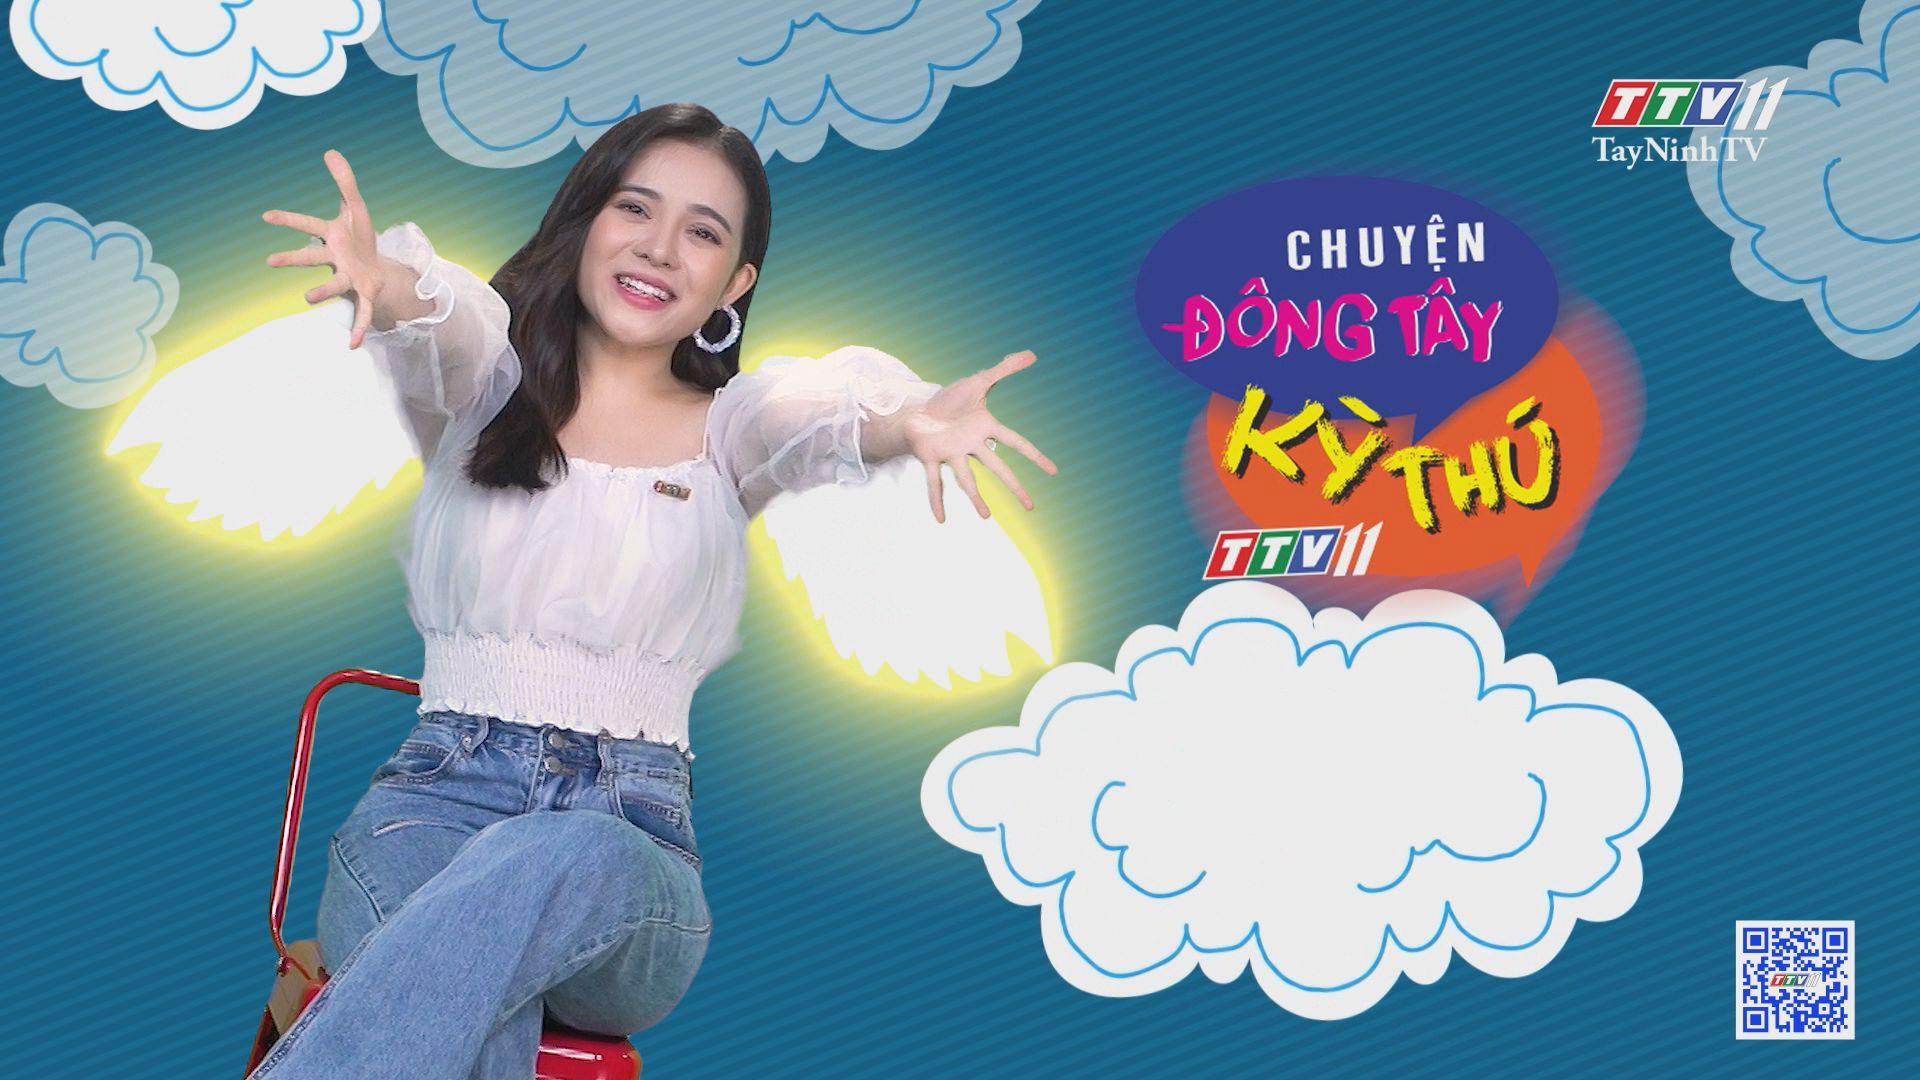 Tác phẩm đám mây pha lê kỳ ảo | CHUYỆN ĐÔNG TÂY KỲ THÚ | TayNinhTV